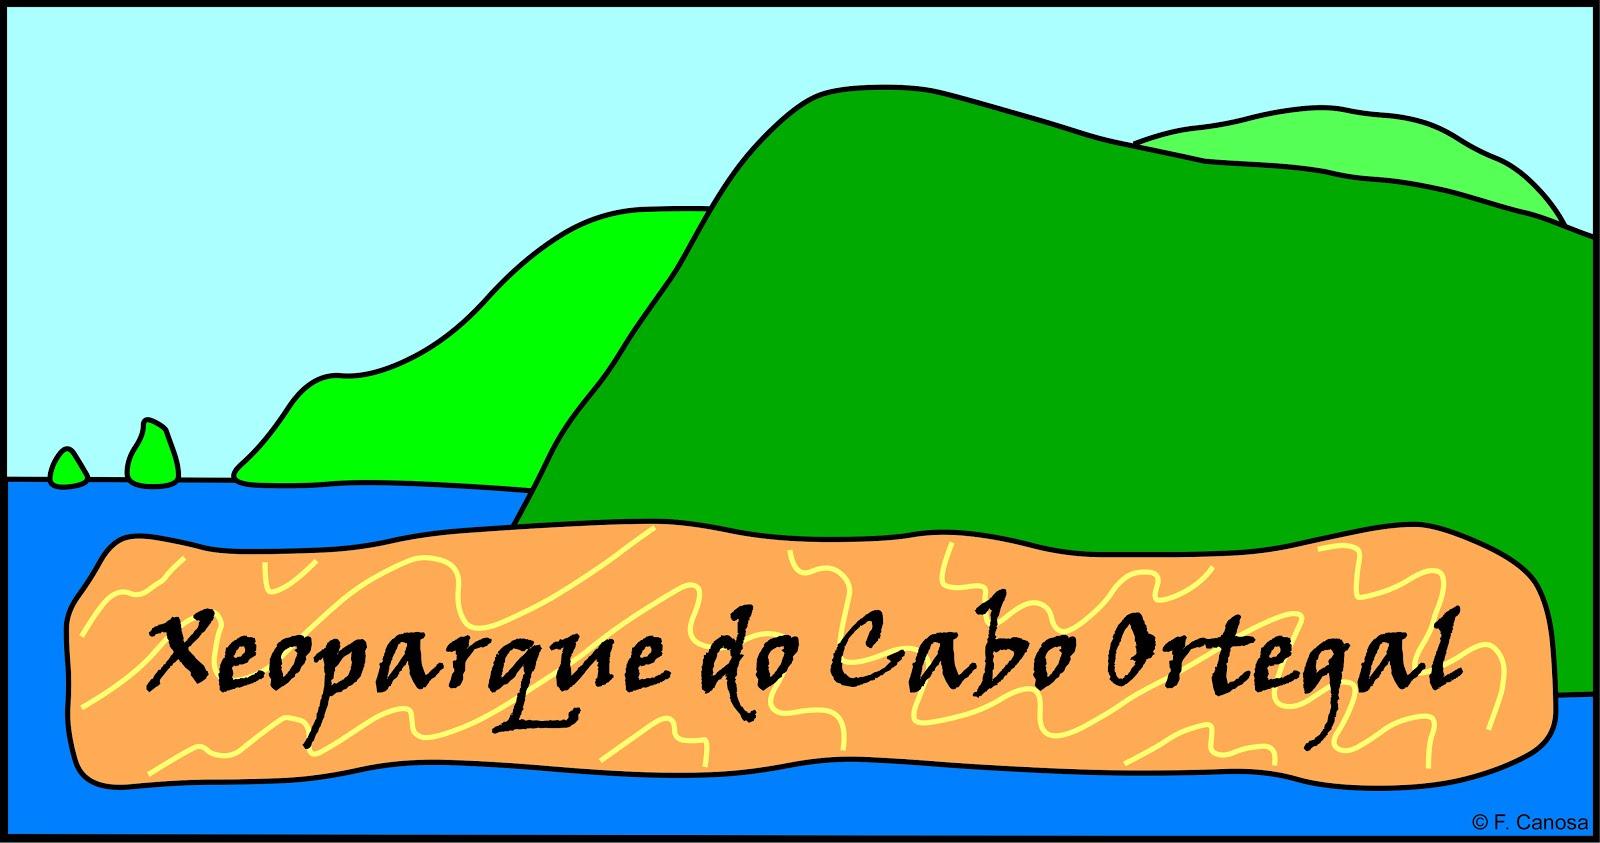 PARQUE XEOLOXICO ORTEGAL